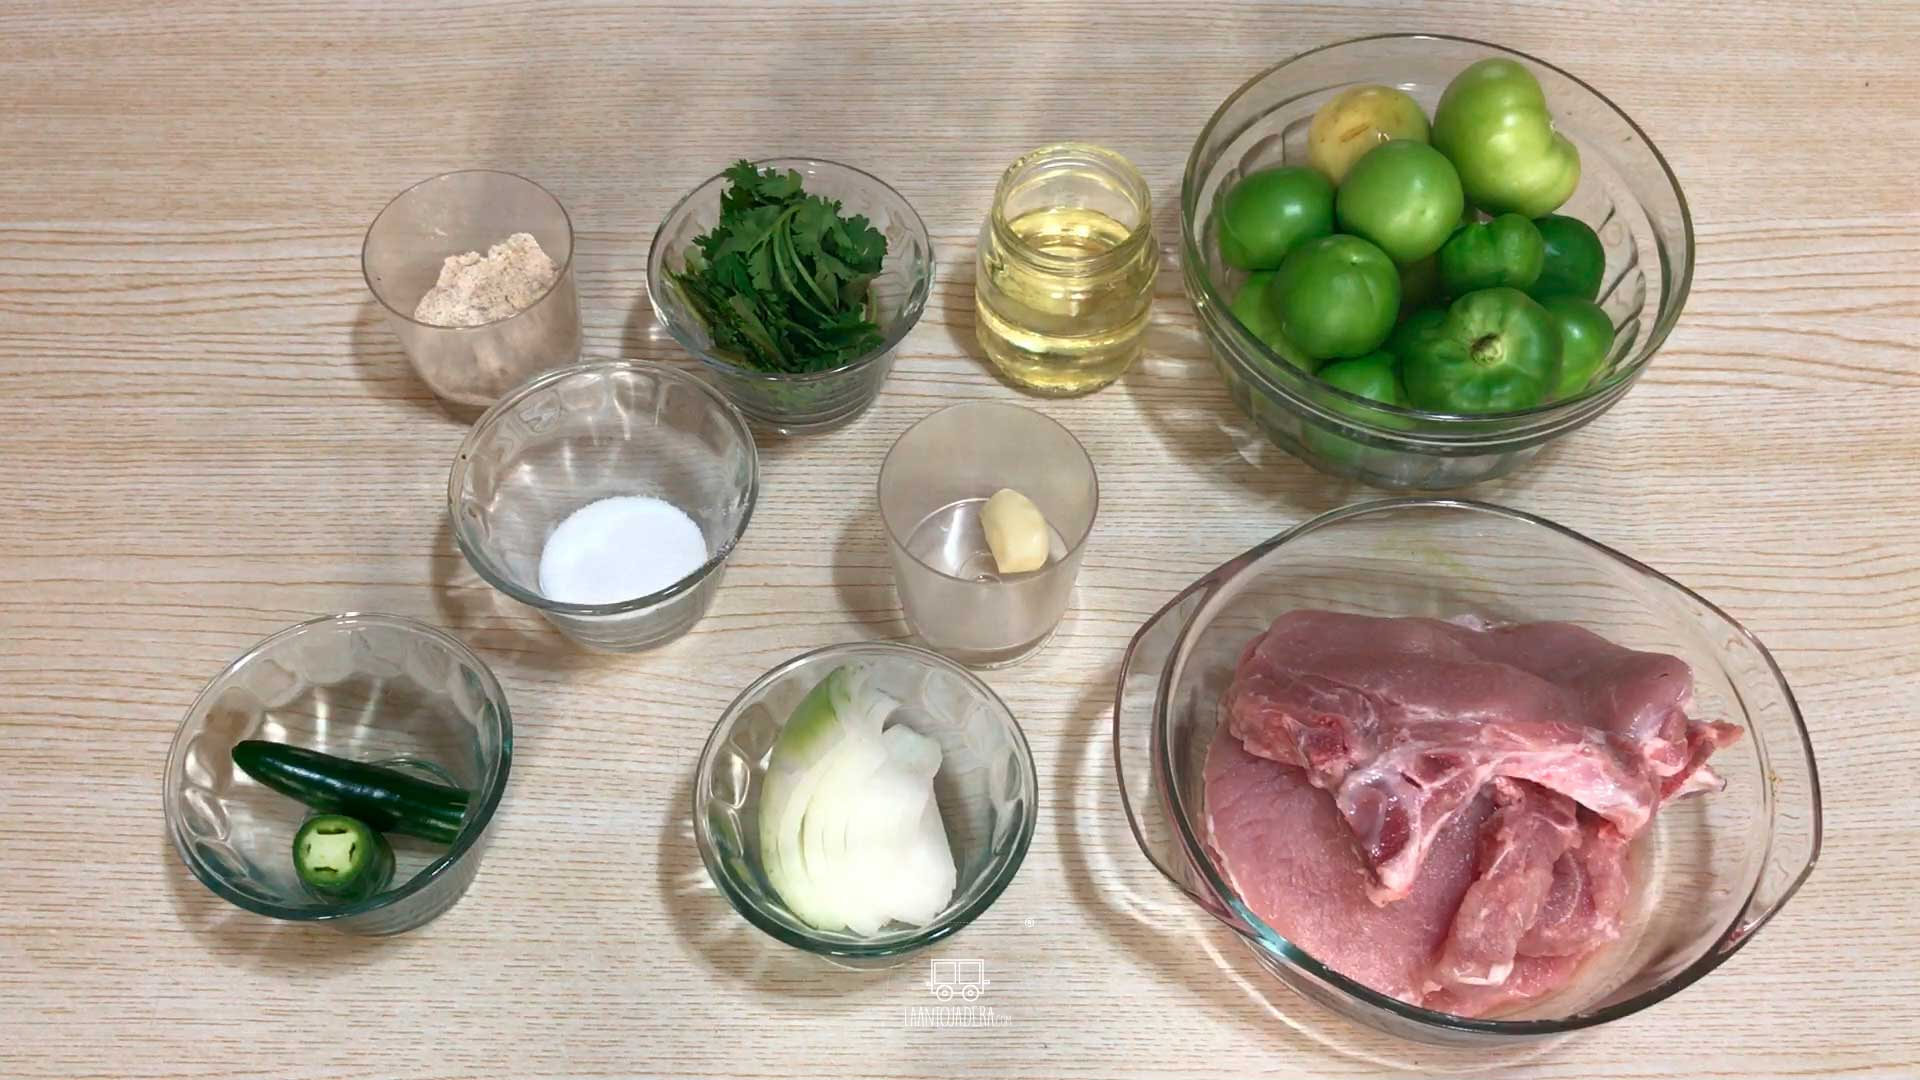 La Antojadera | Chuleta de Cerdo en Salsa Verde